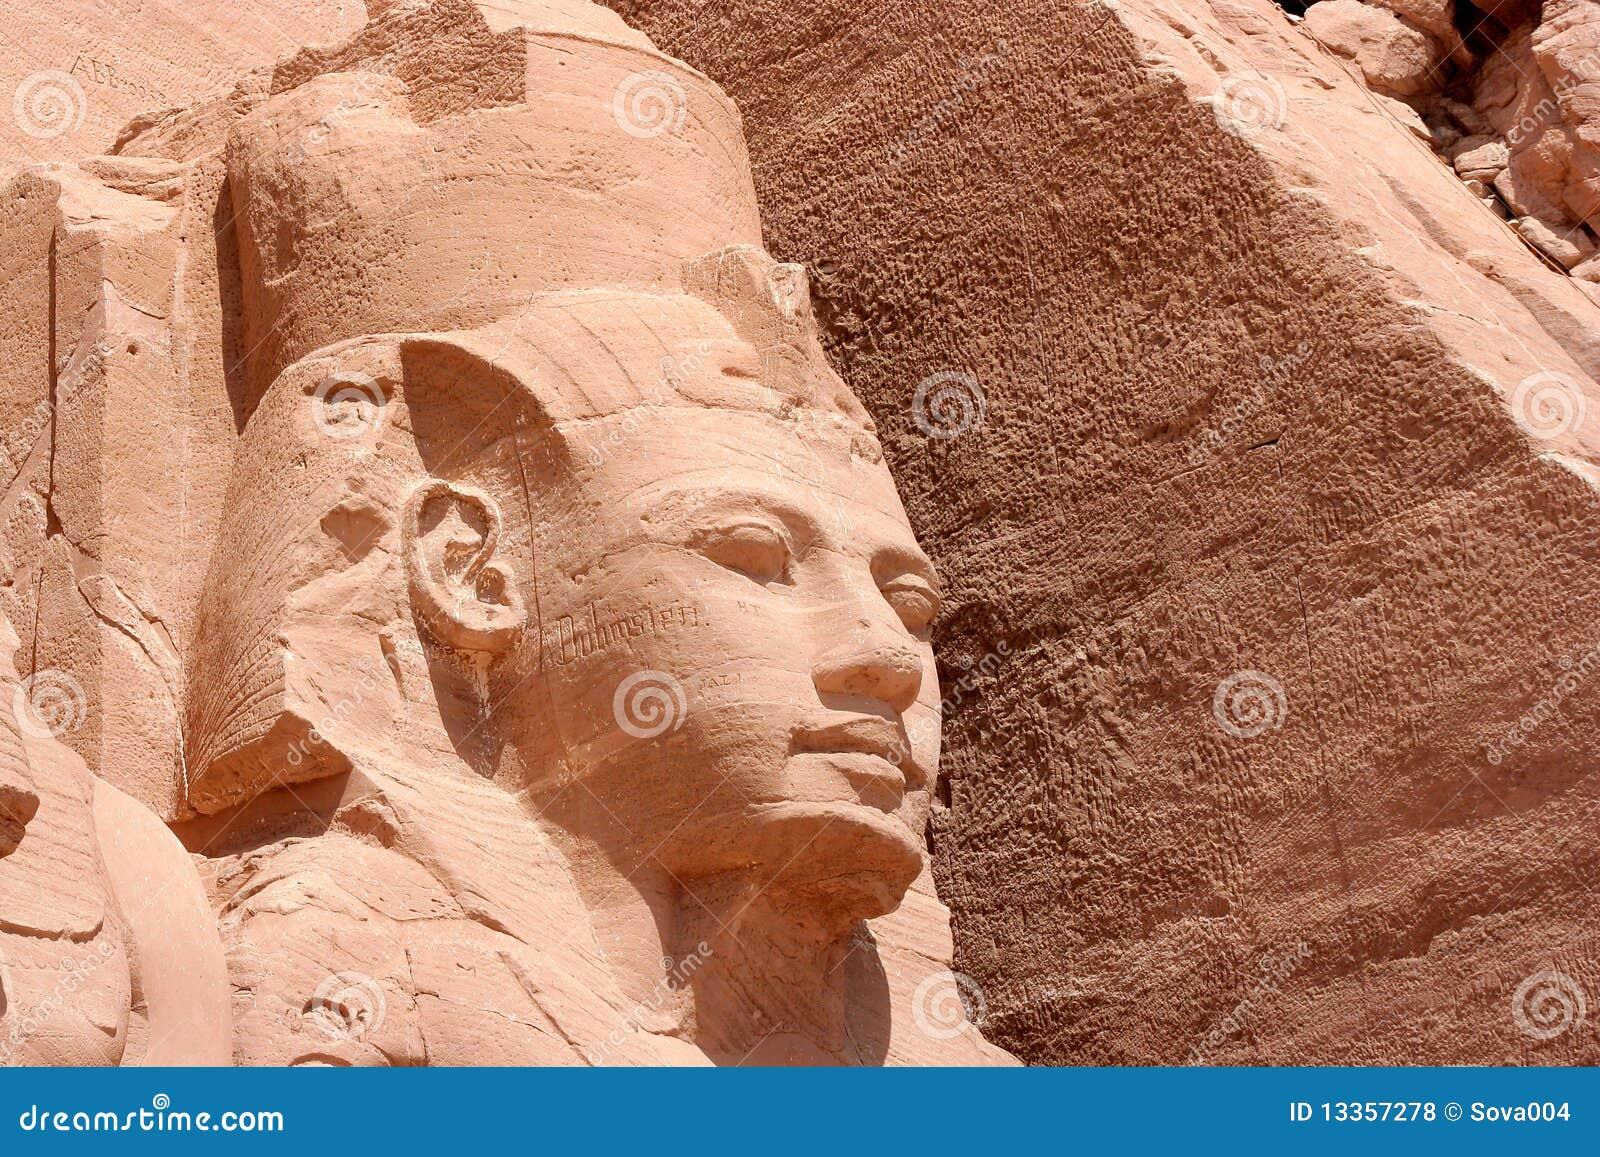 Ramesses II in Abu Simbel